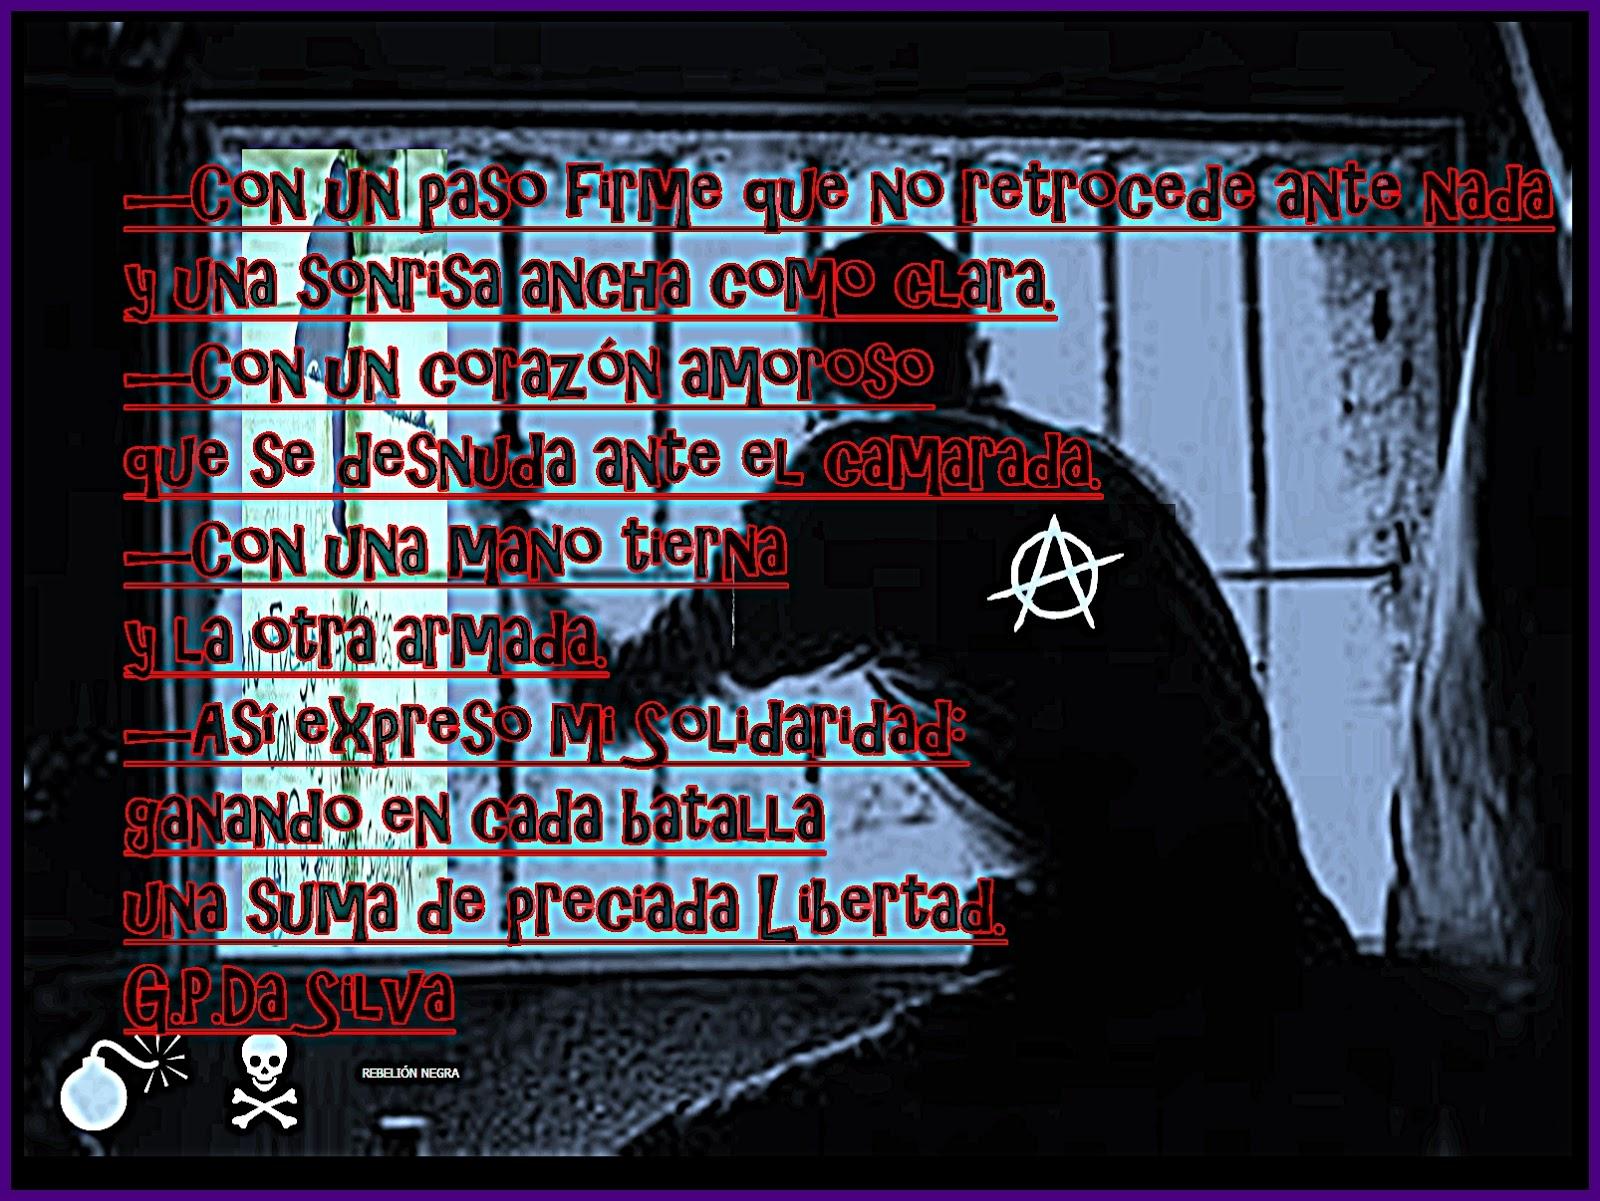 http://4.bp.blogspot.com/-xvjiMza8S8Y/UhOVSkRf3_I/AAAAAAAAE8o/LFF622tM1x8/s1600/asi++expreso++mi++solidaridad.jpg